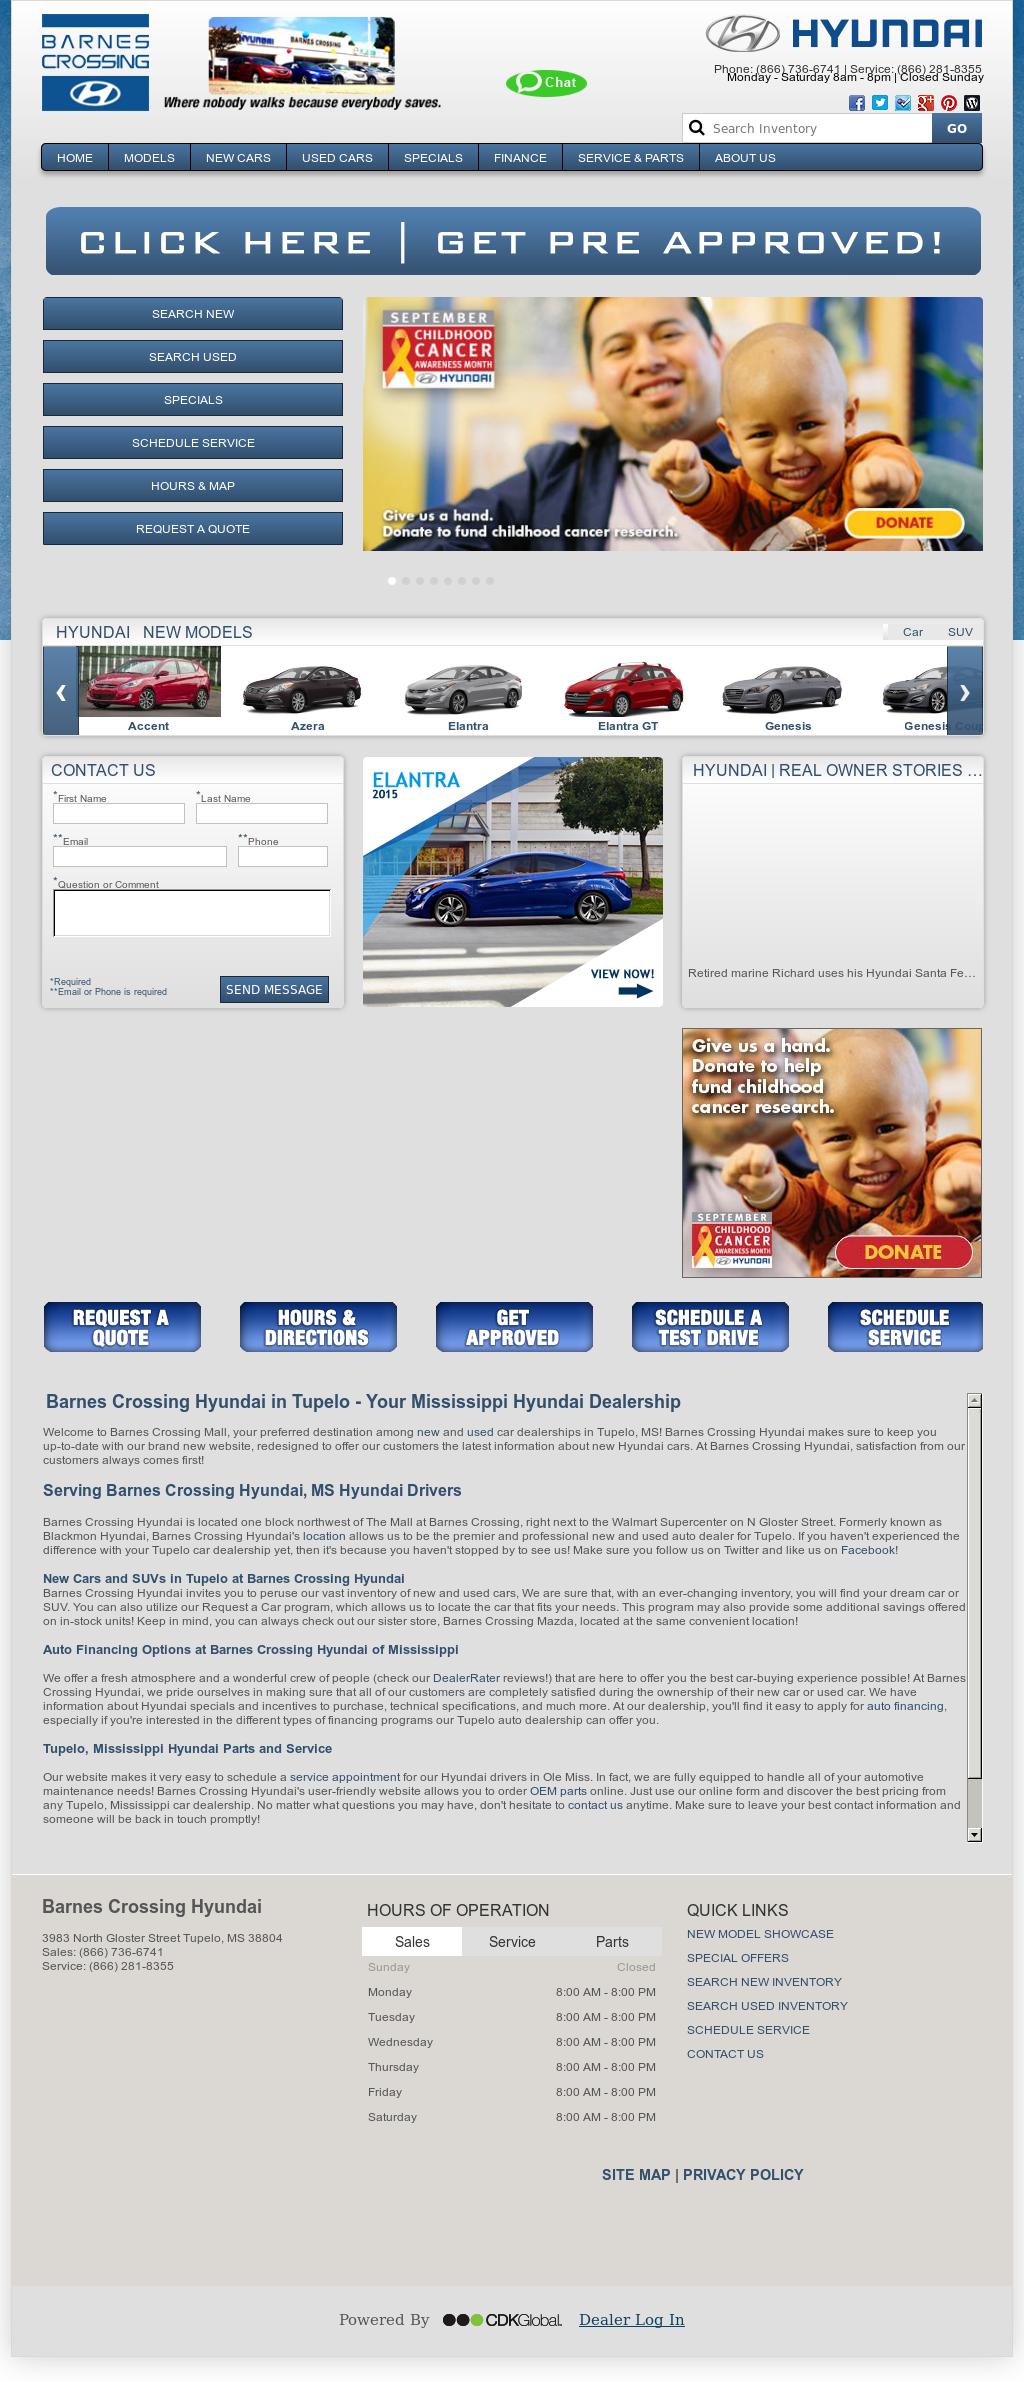 Barnes Crossing Hyundai Tupelo Ms >> Barnes Crossing Hyundai Mazda Competitors Revenue And